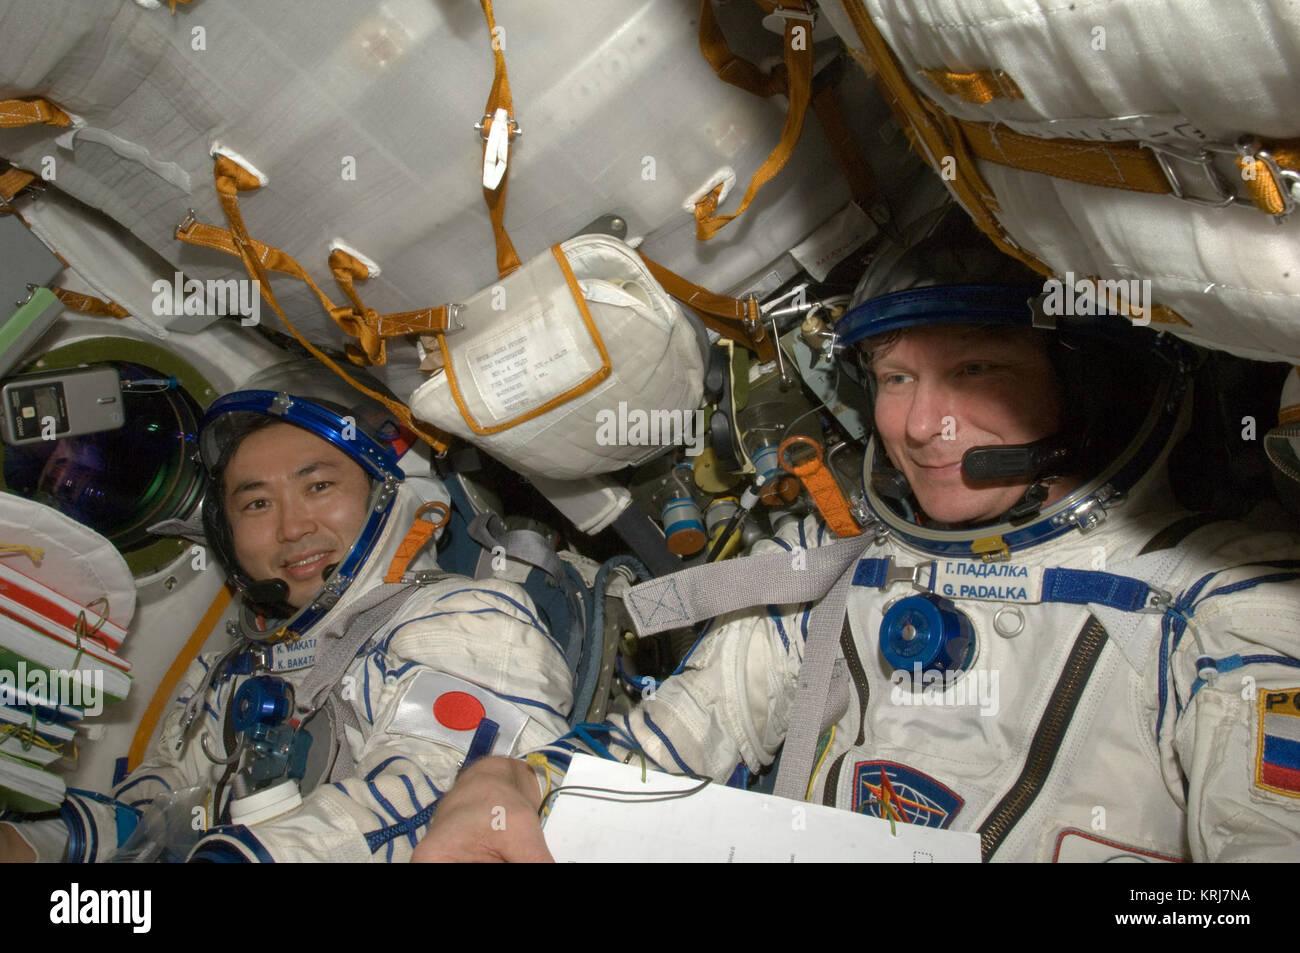 ISS-20 Koichi Wakata and Gennady Padalka in the Soyuz TMA-14 spacecraft - Stock Image